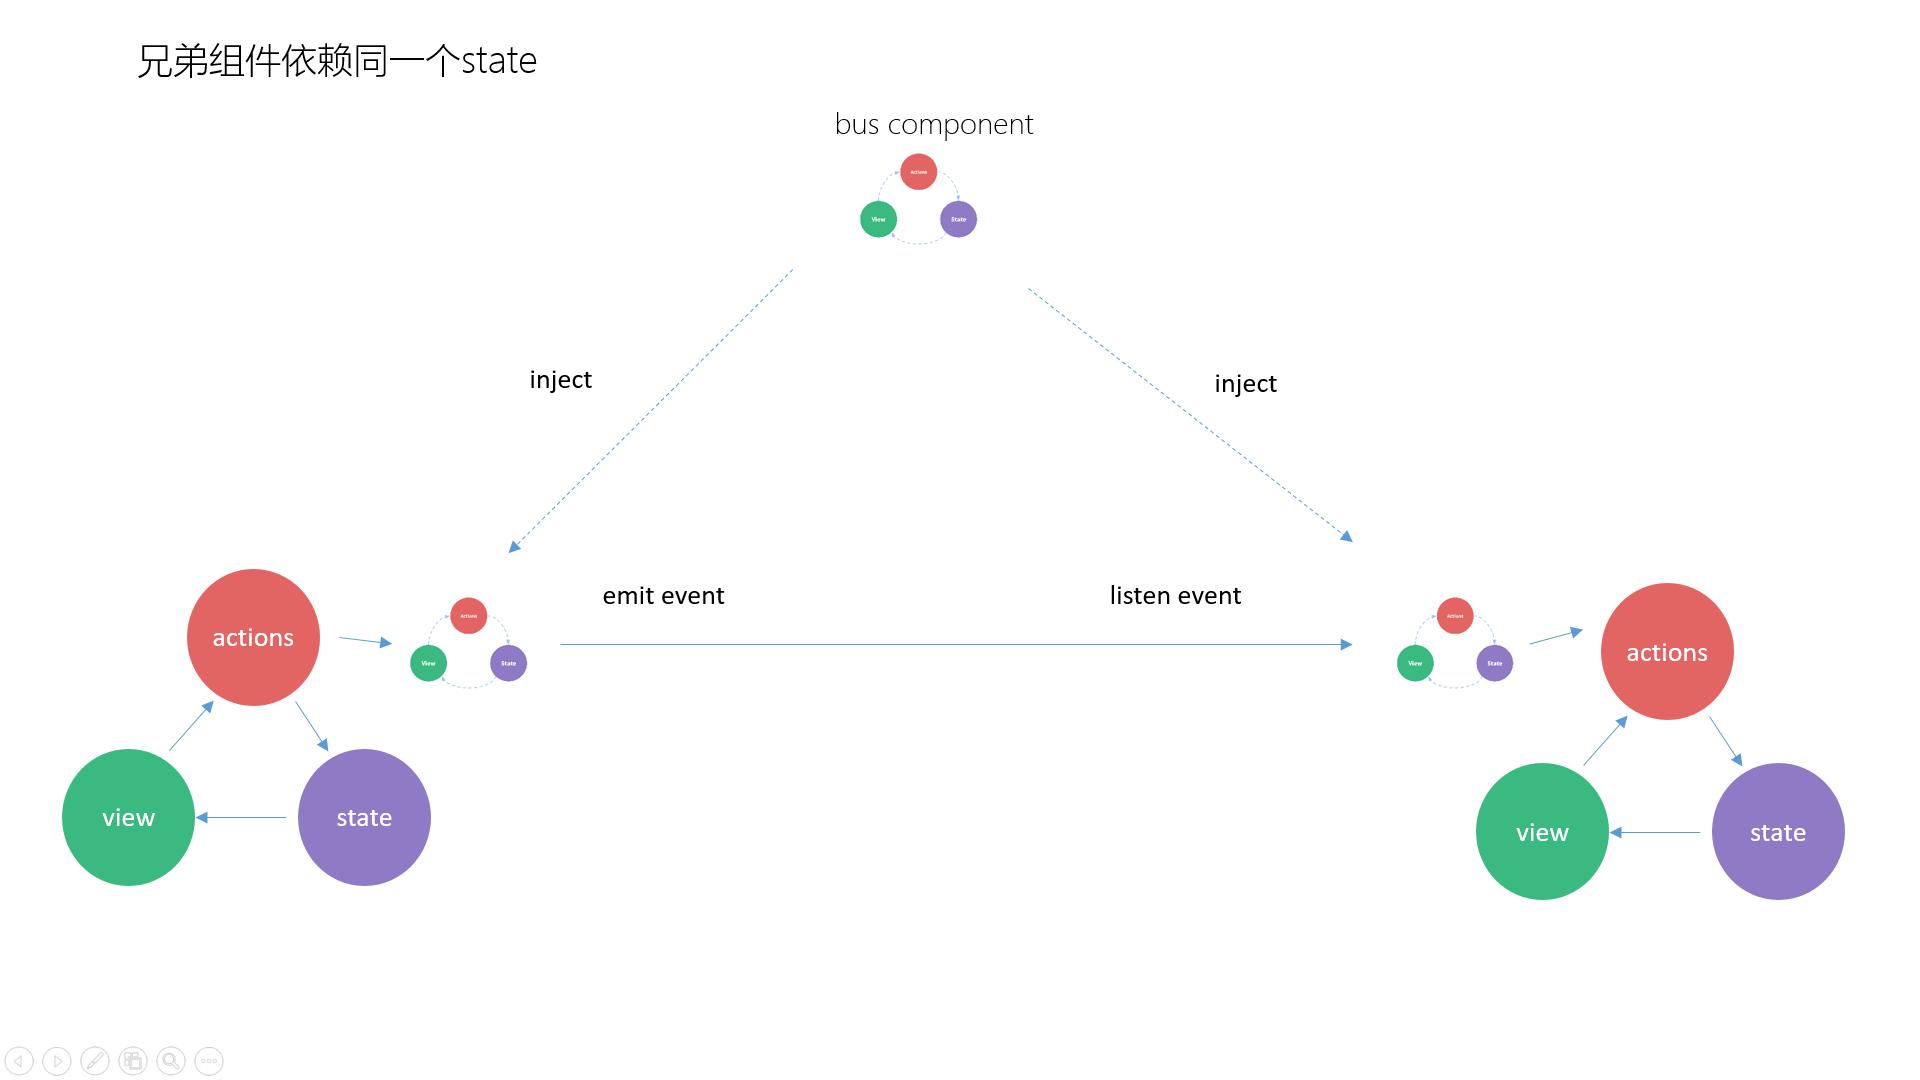 Vue系列入门教程(13)-初识vuex